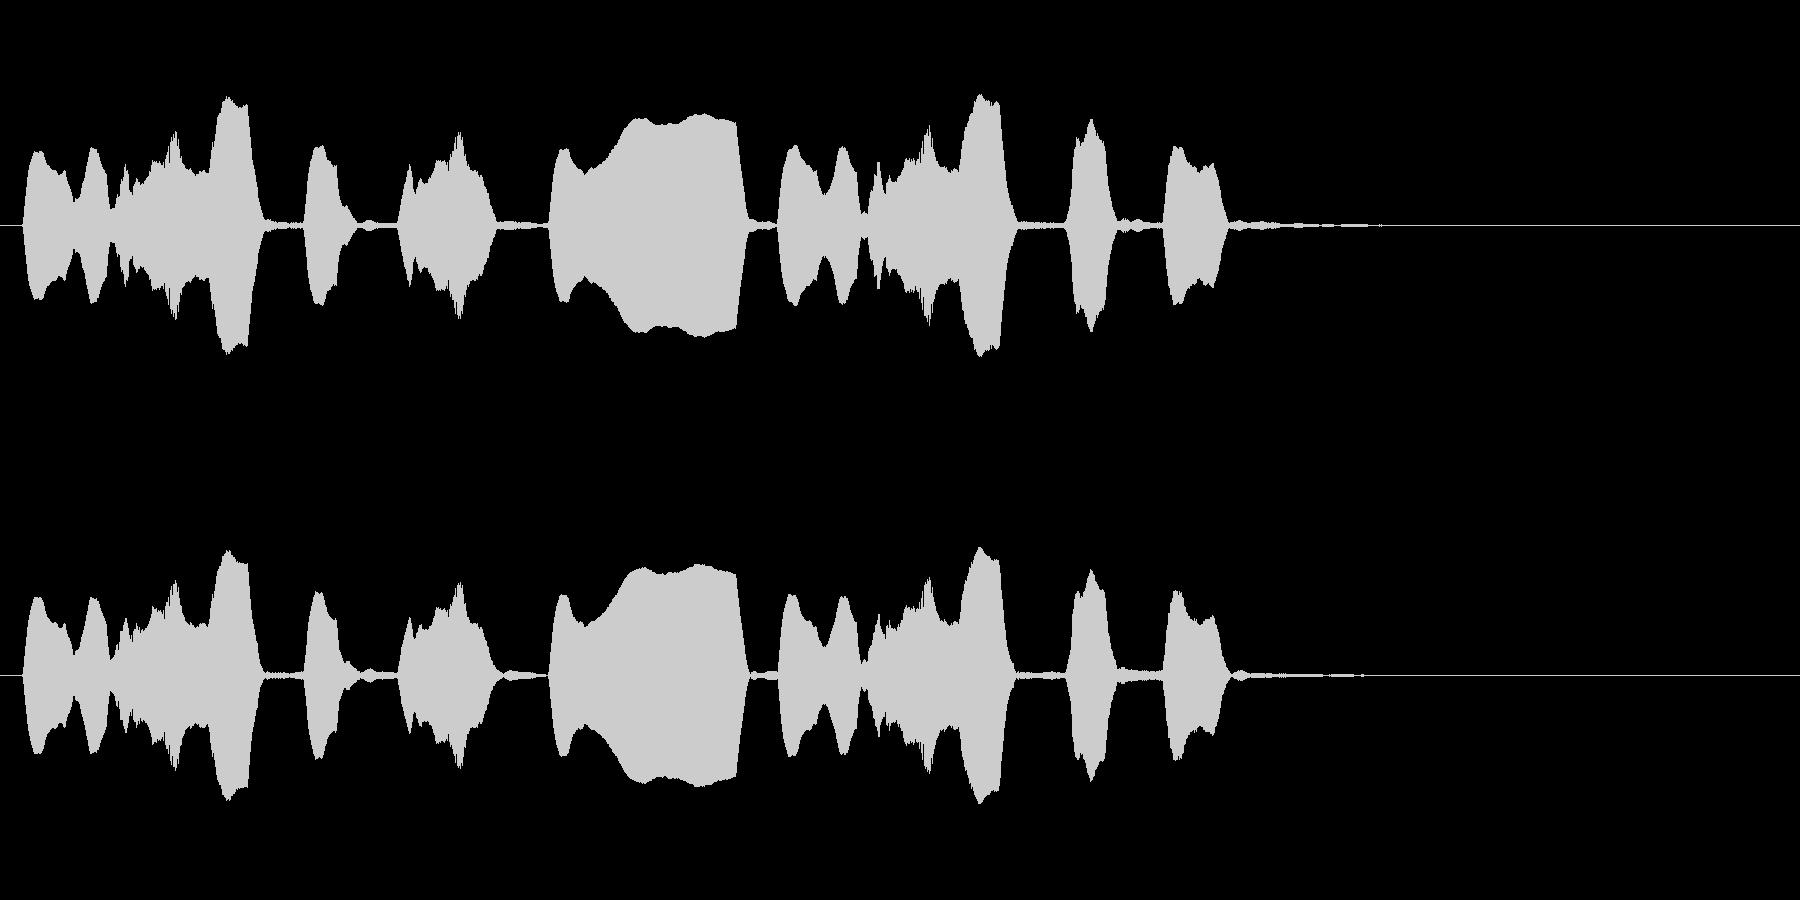 ジングル リコーダー 軽快 愉快の未再生の波形